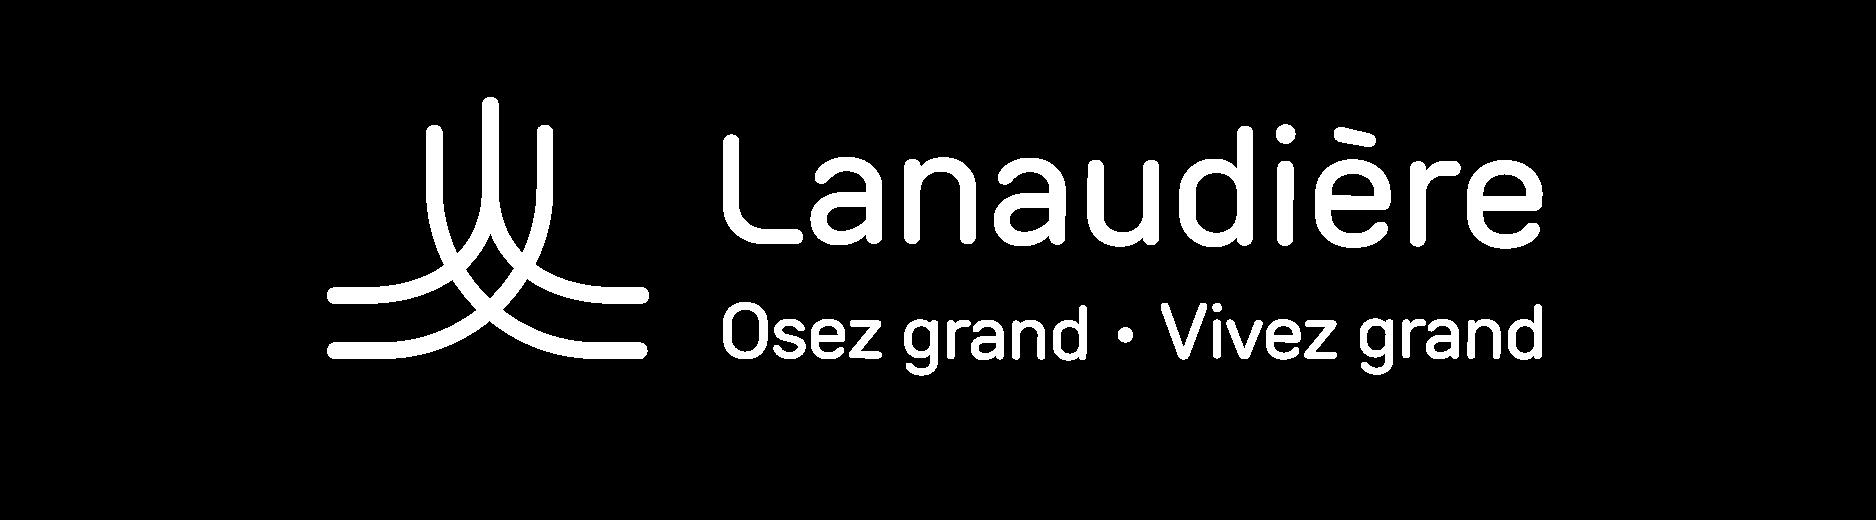 Image de marque de la région Lanaudière